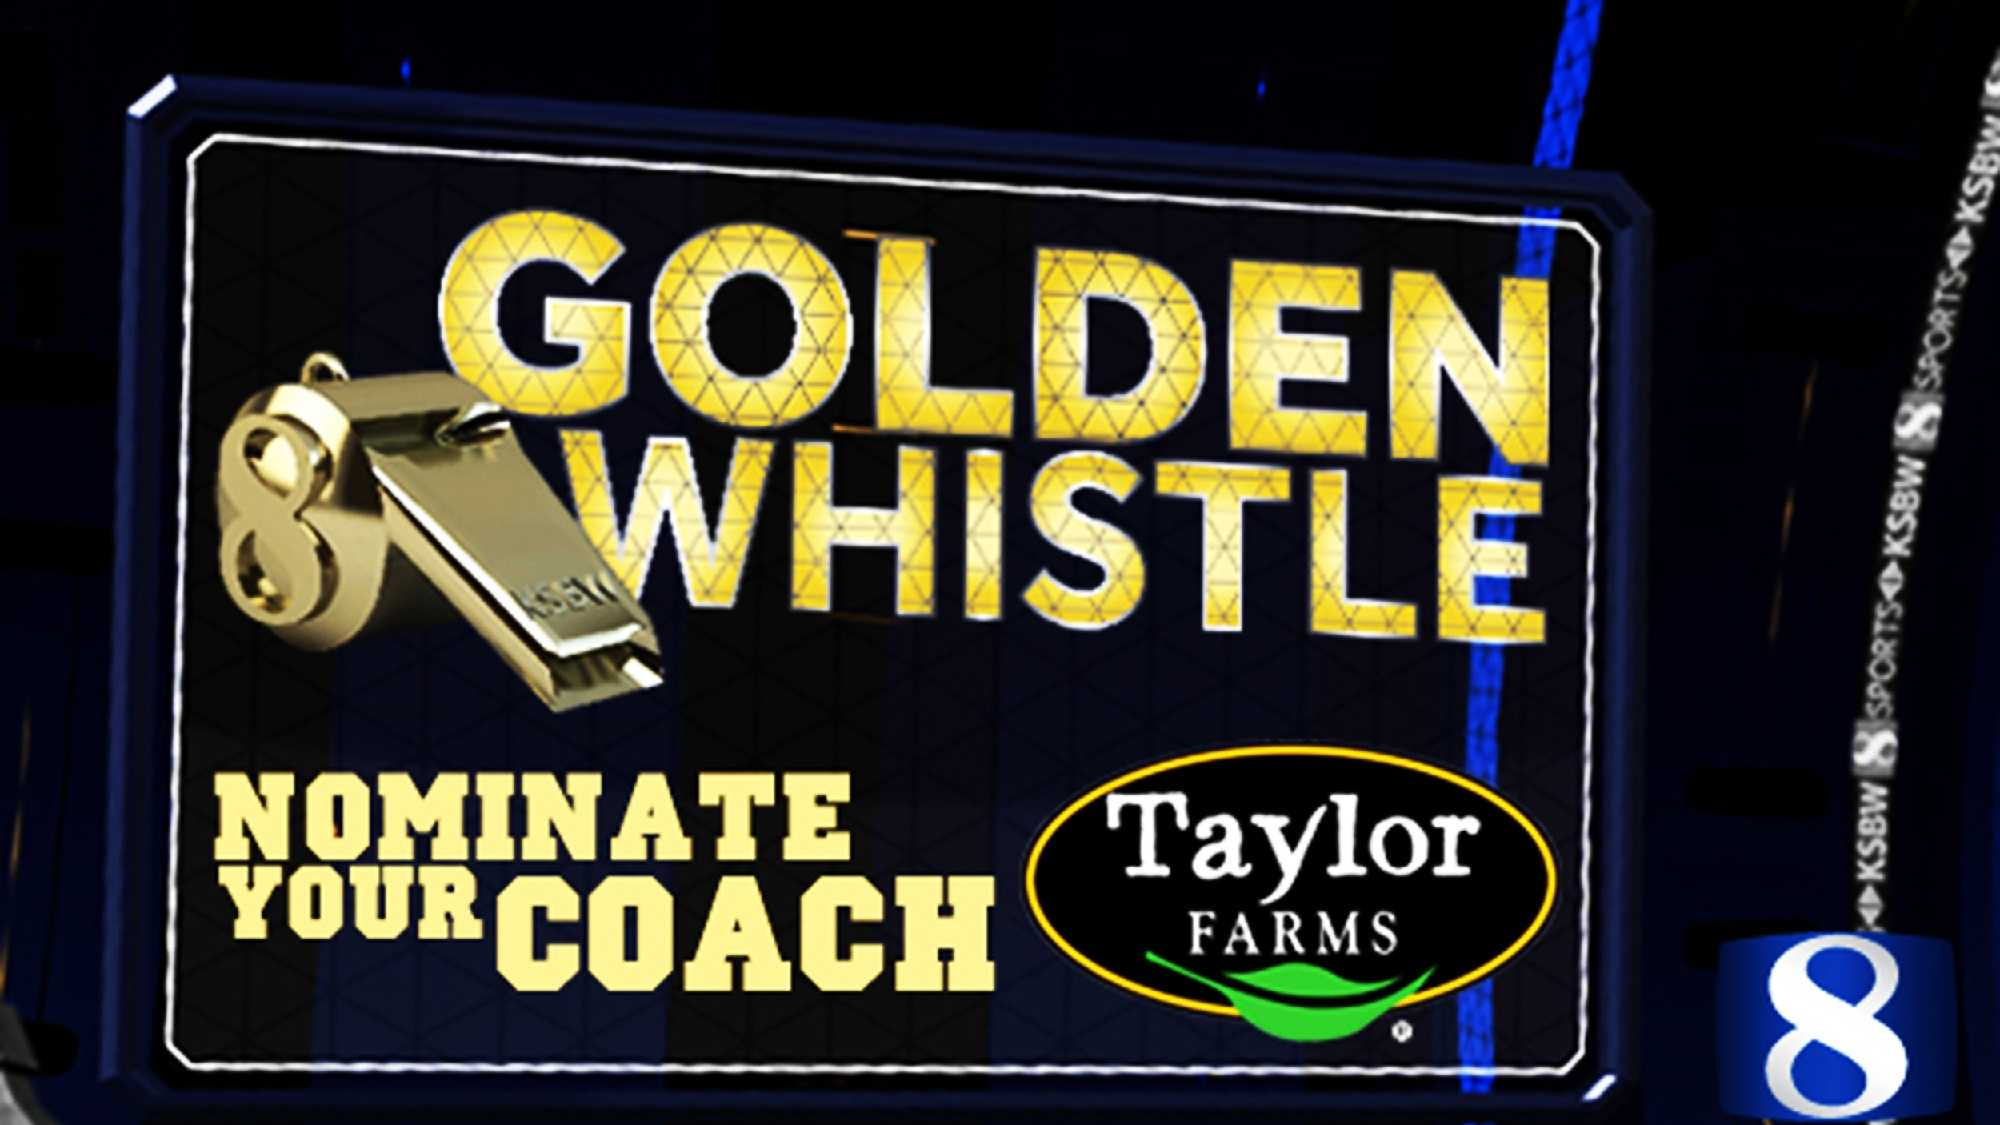 Golden Whistle Award